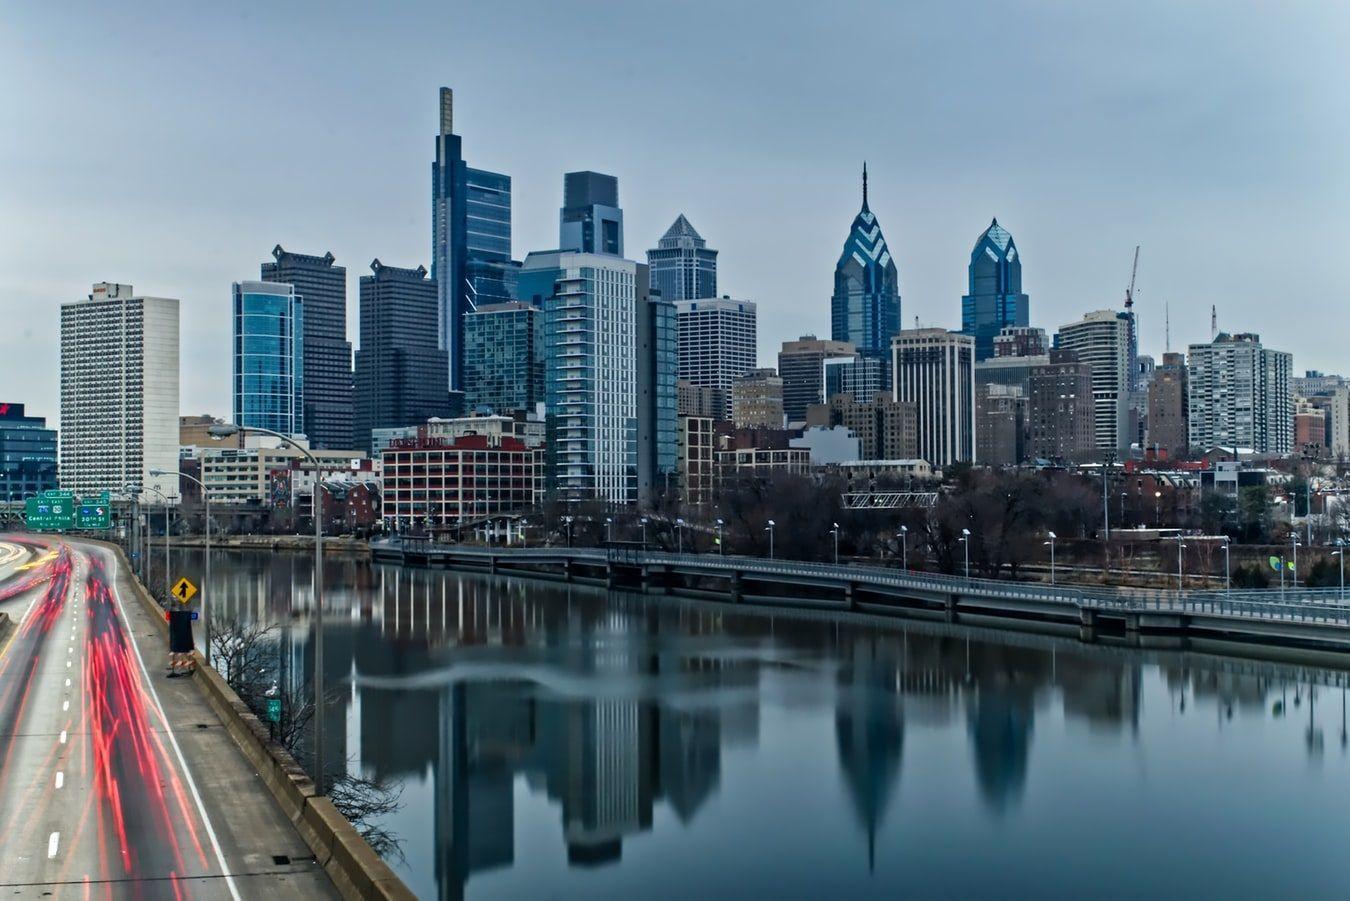 Філадельфія, Пенсільванія, США